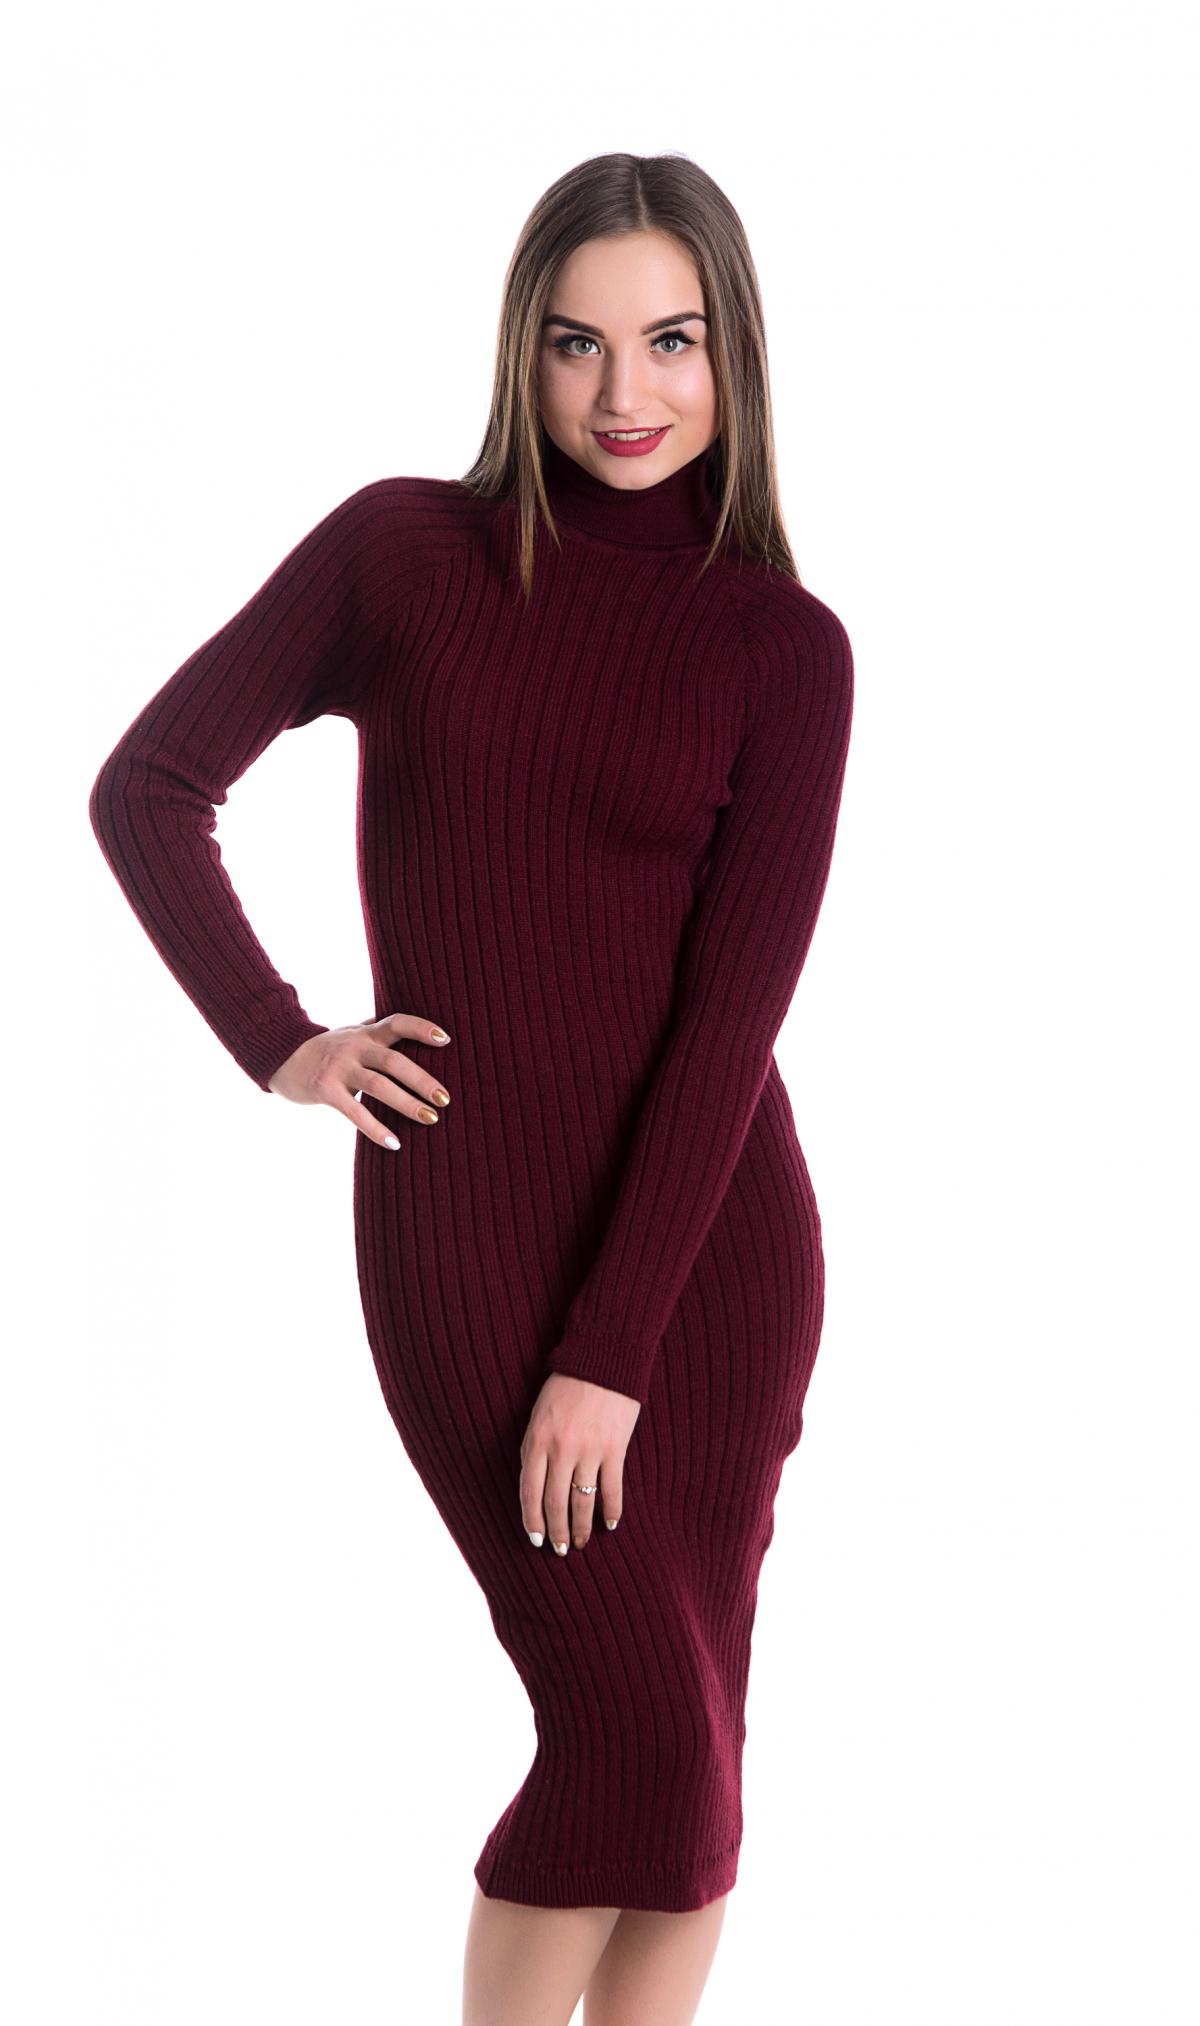 Женская одежда линда